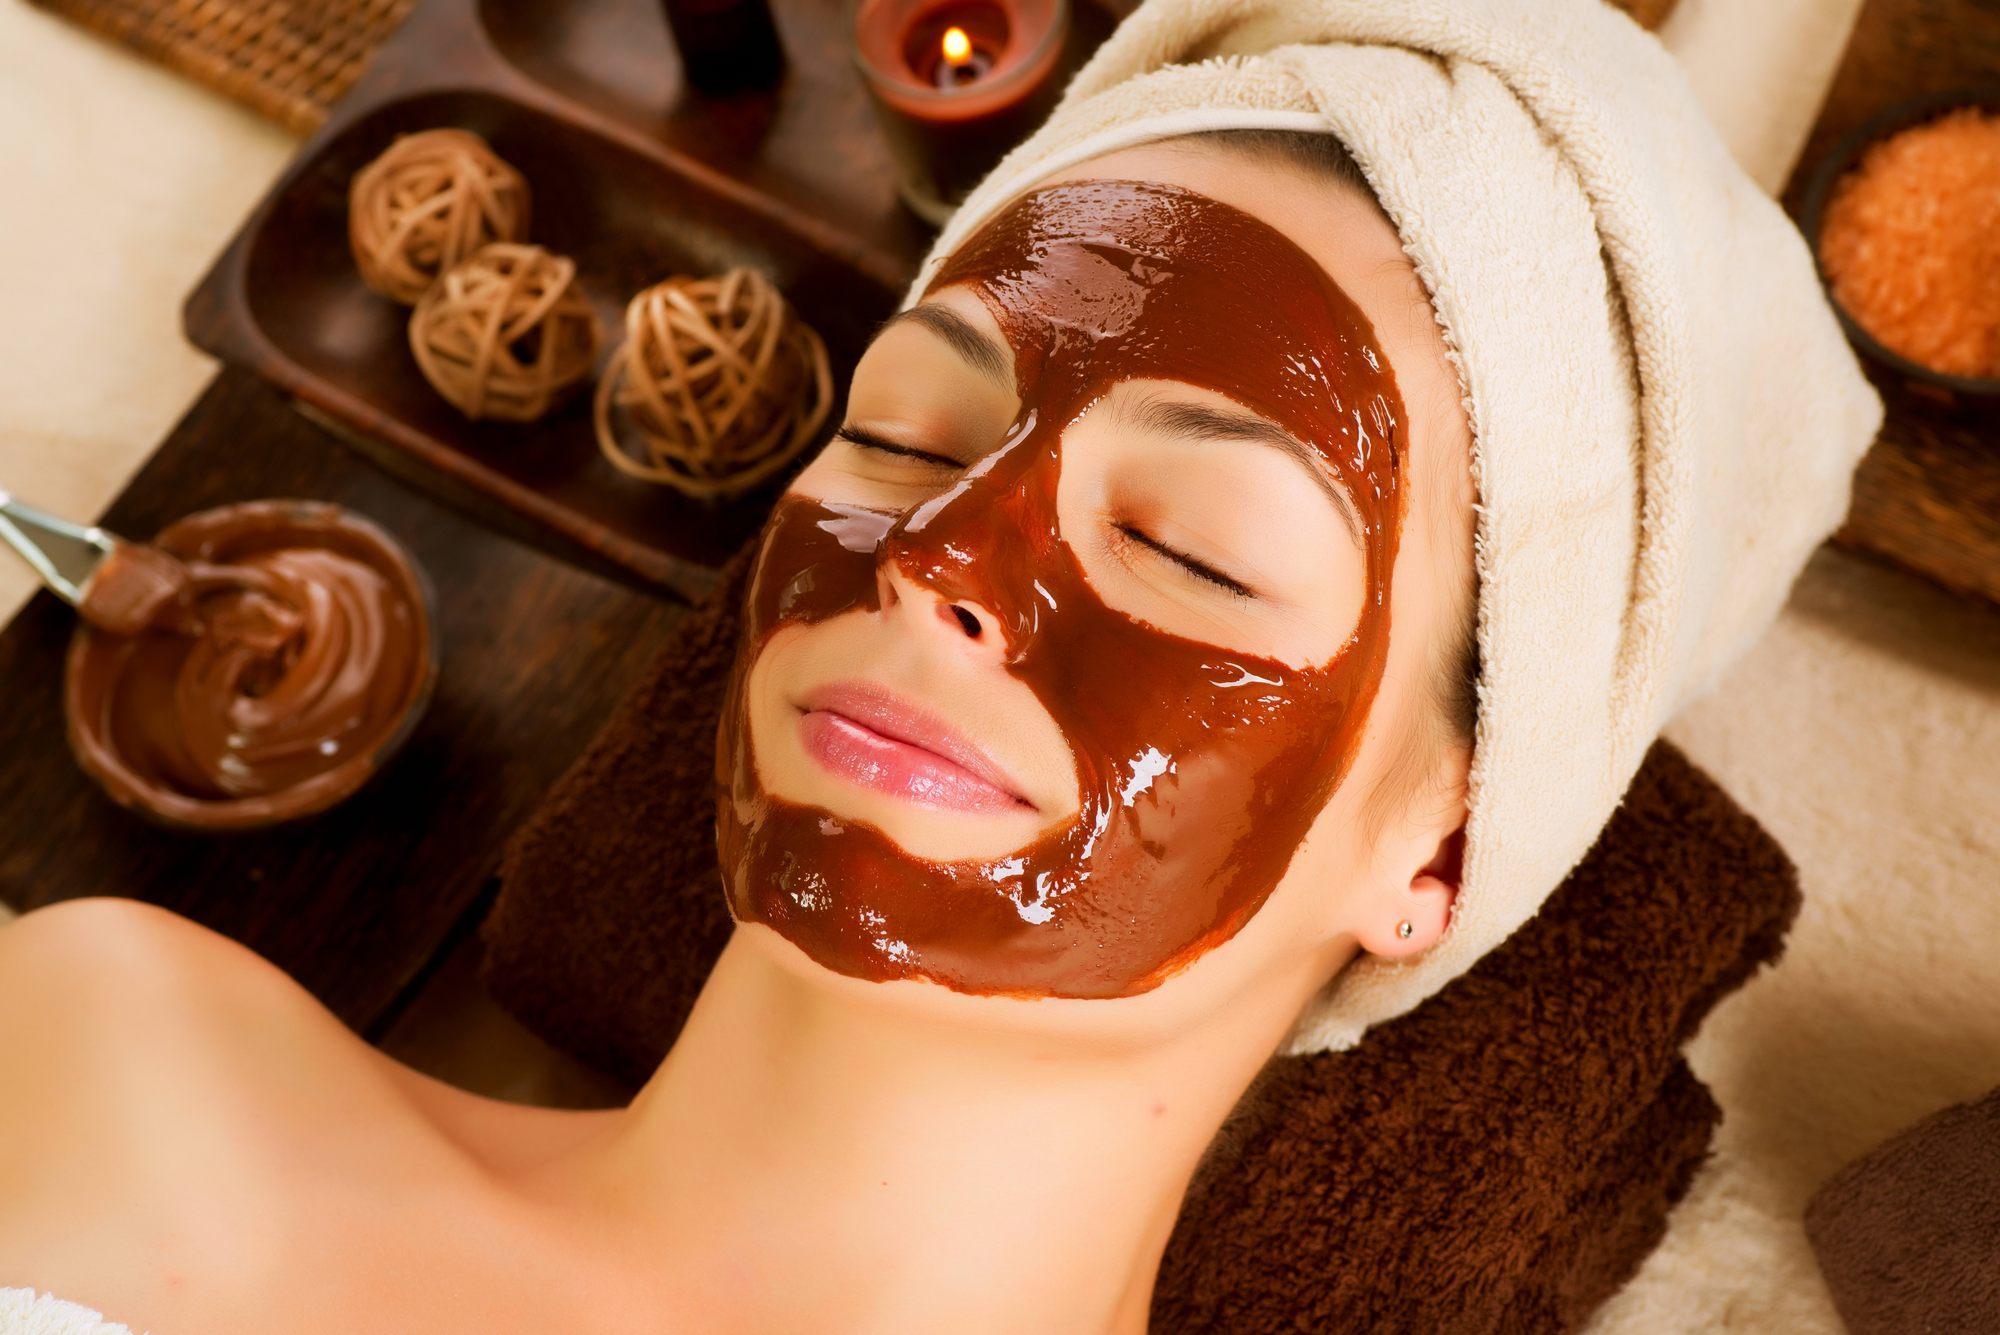 Полезные и натуральные маски для лица в домашних условиях – шоколадная маска